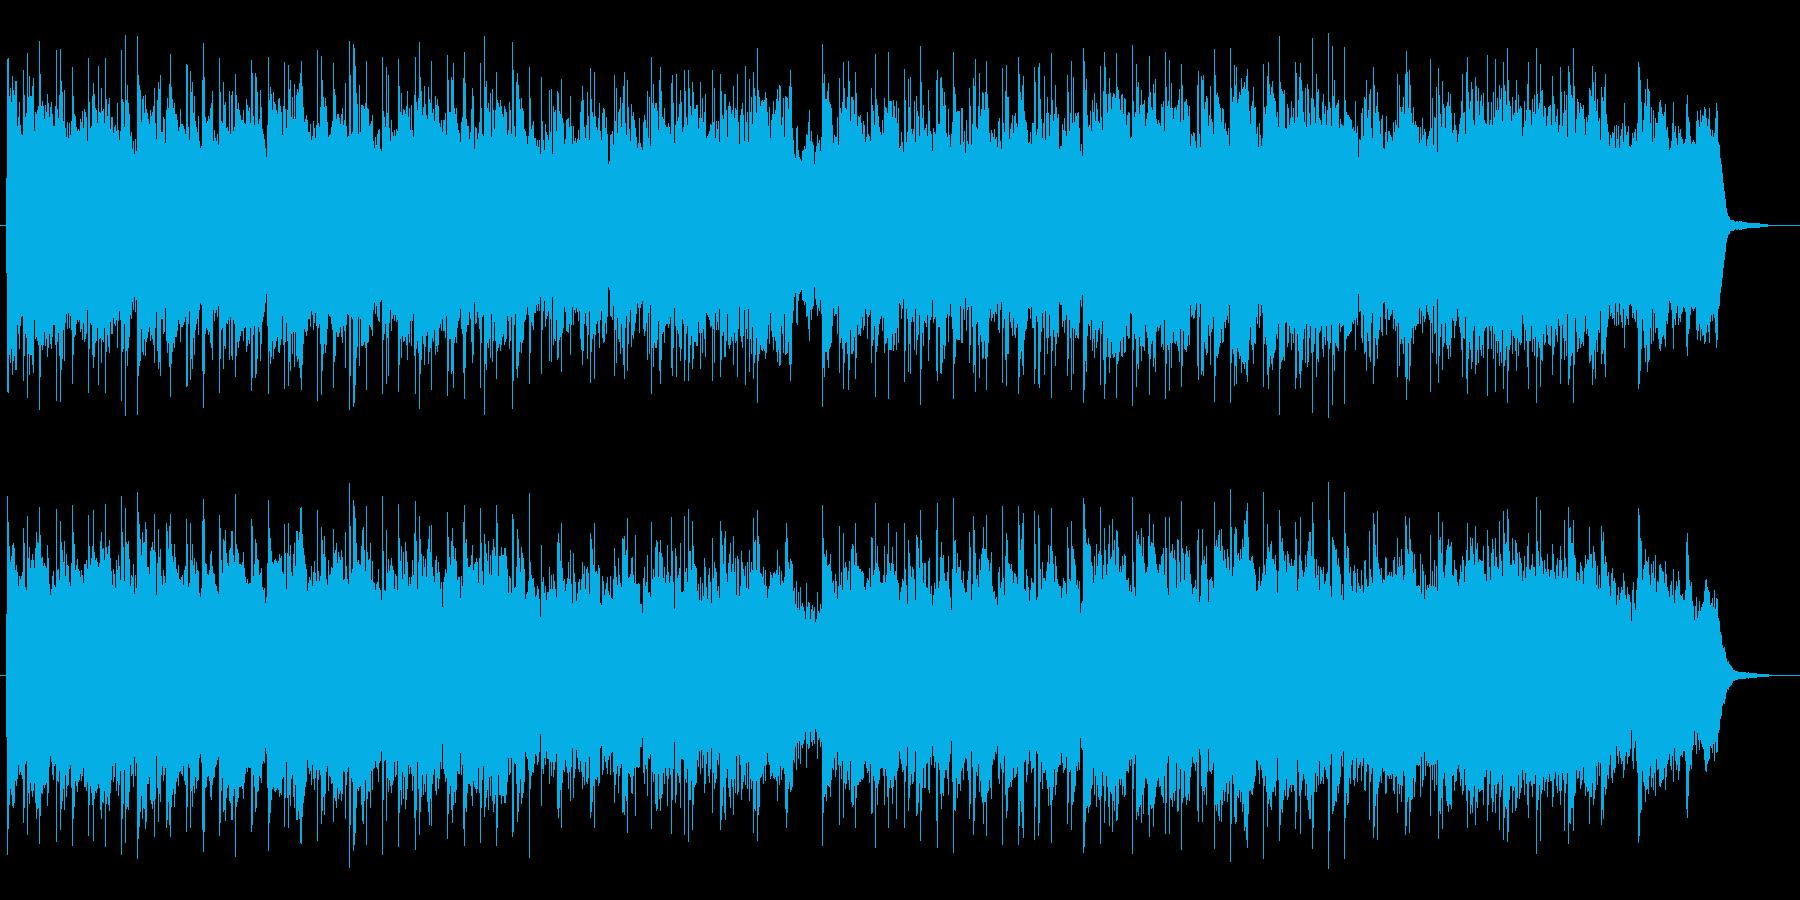 穏やかで温かみのあるバラードの再生済みの波形